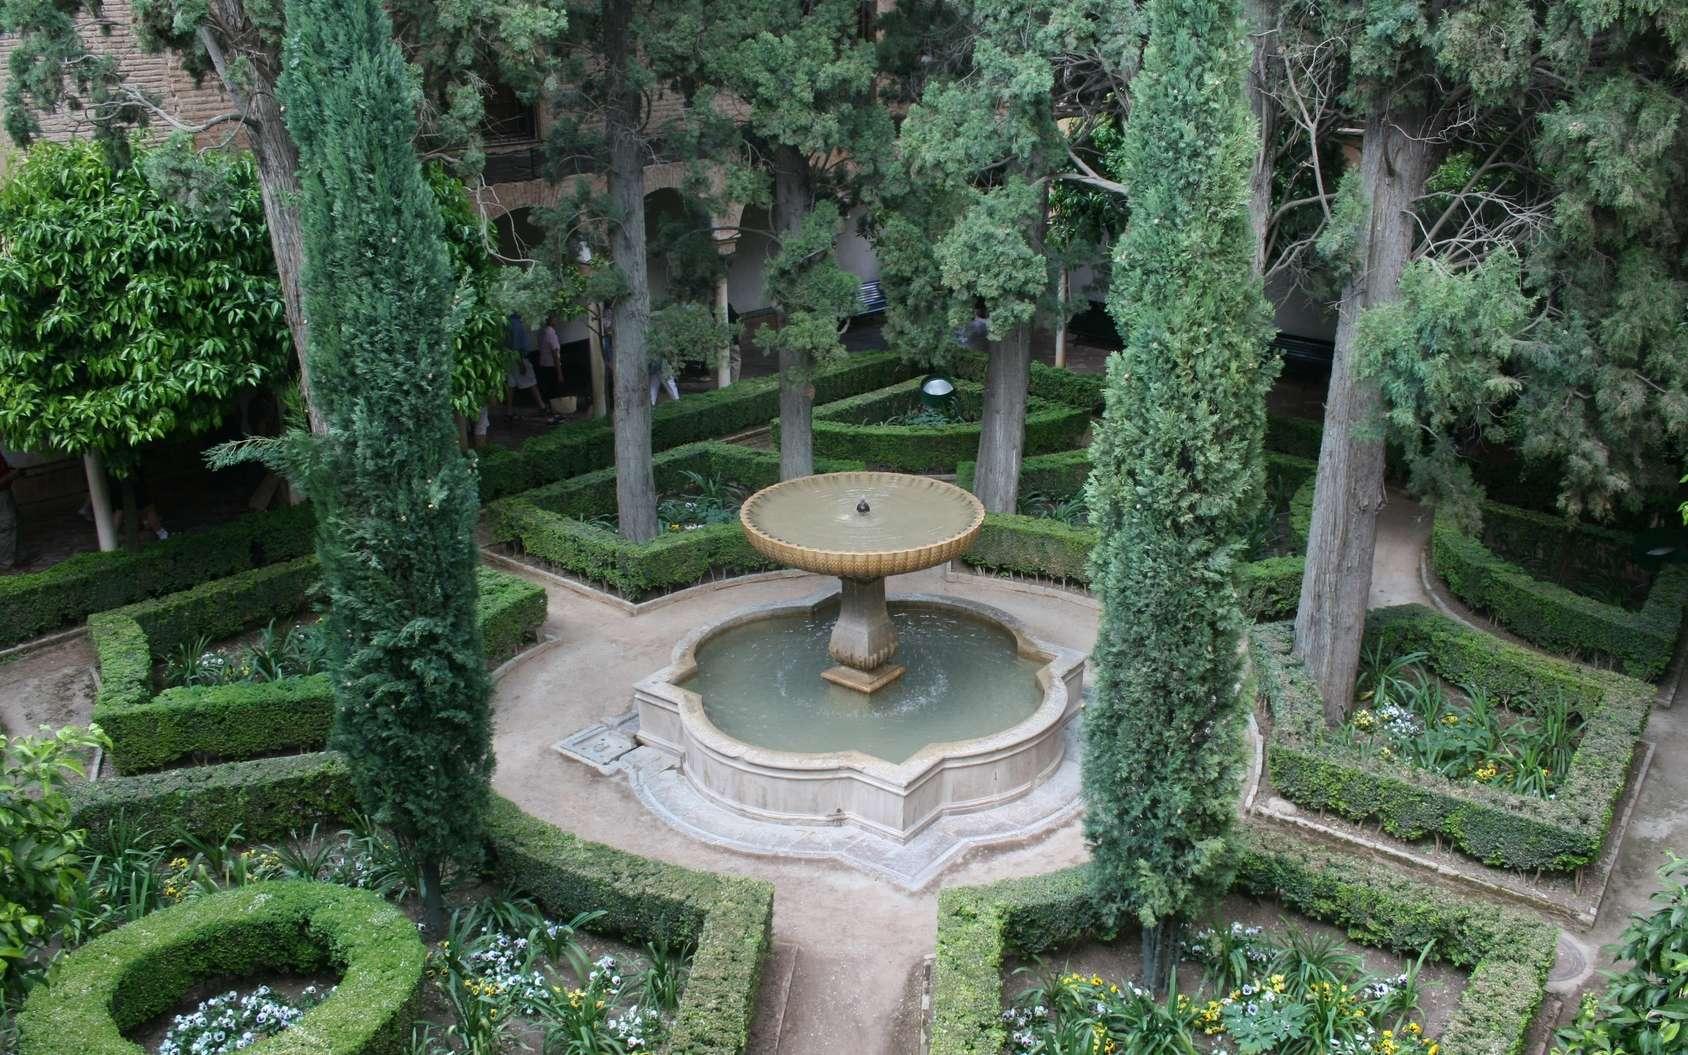 Une fontaine extérieure de jardin, ou le charme de l'eau. © Andrew Rollinger, Flickr, CC BY-SA 2.0